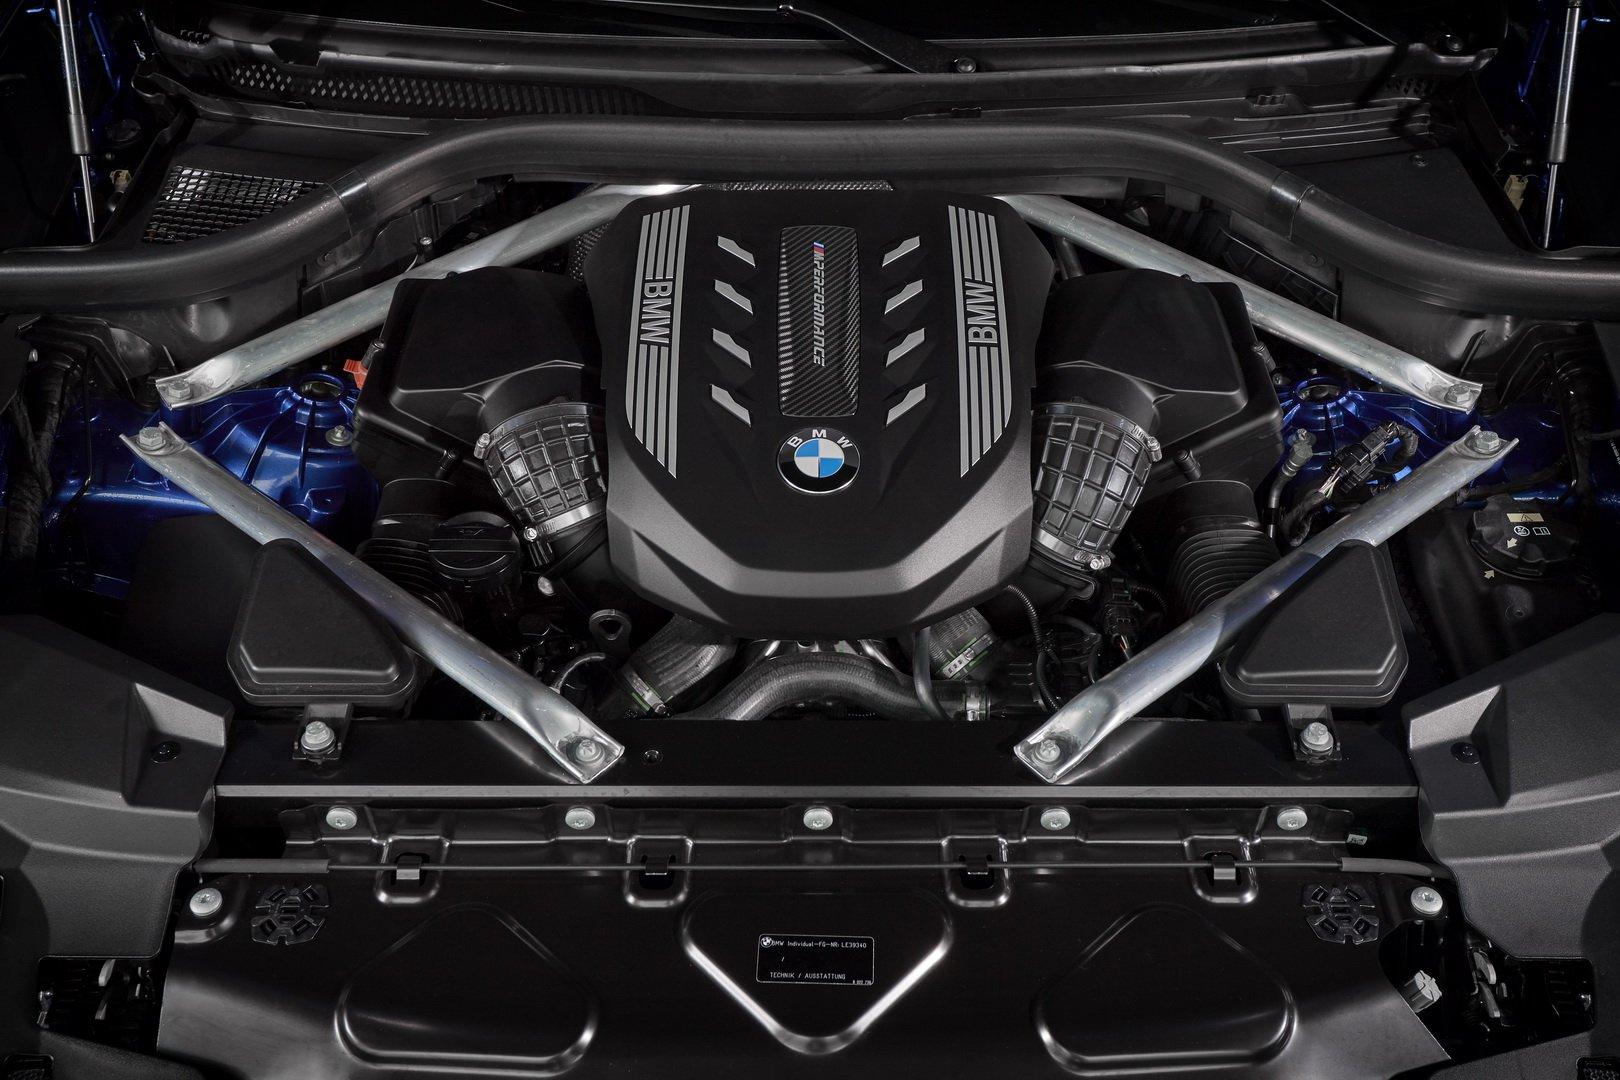 بررسی جزئیات ظاهری و فنی خودروی بیامو X6 +تصاویر